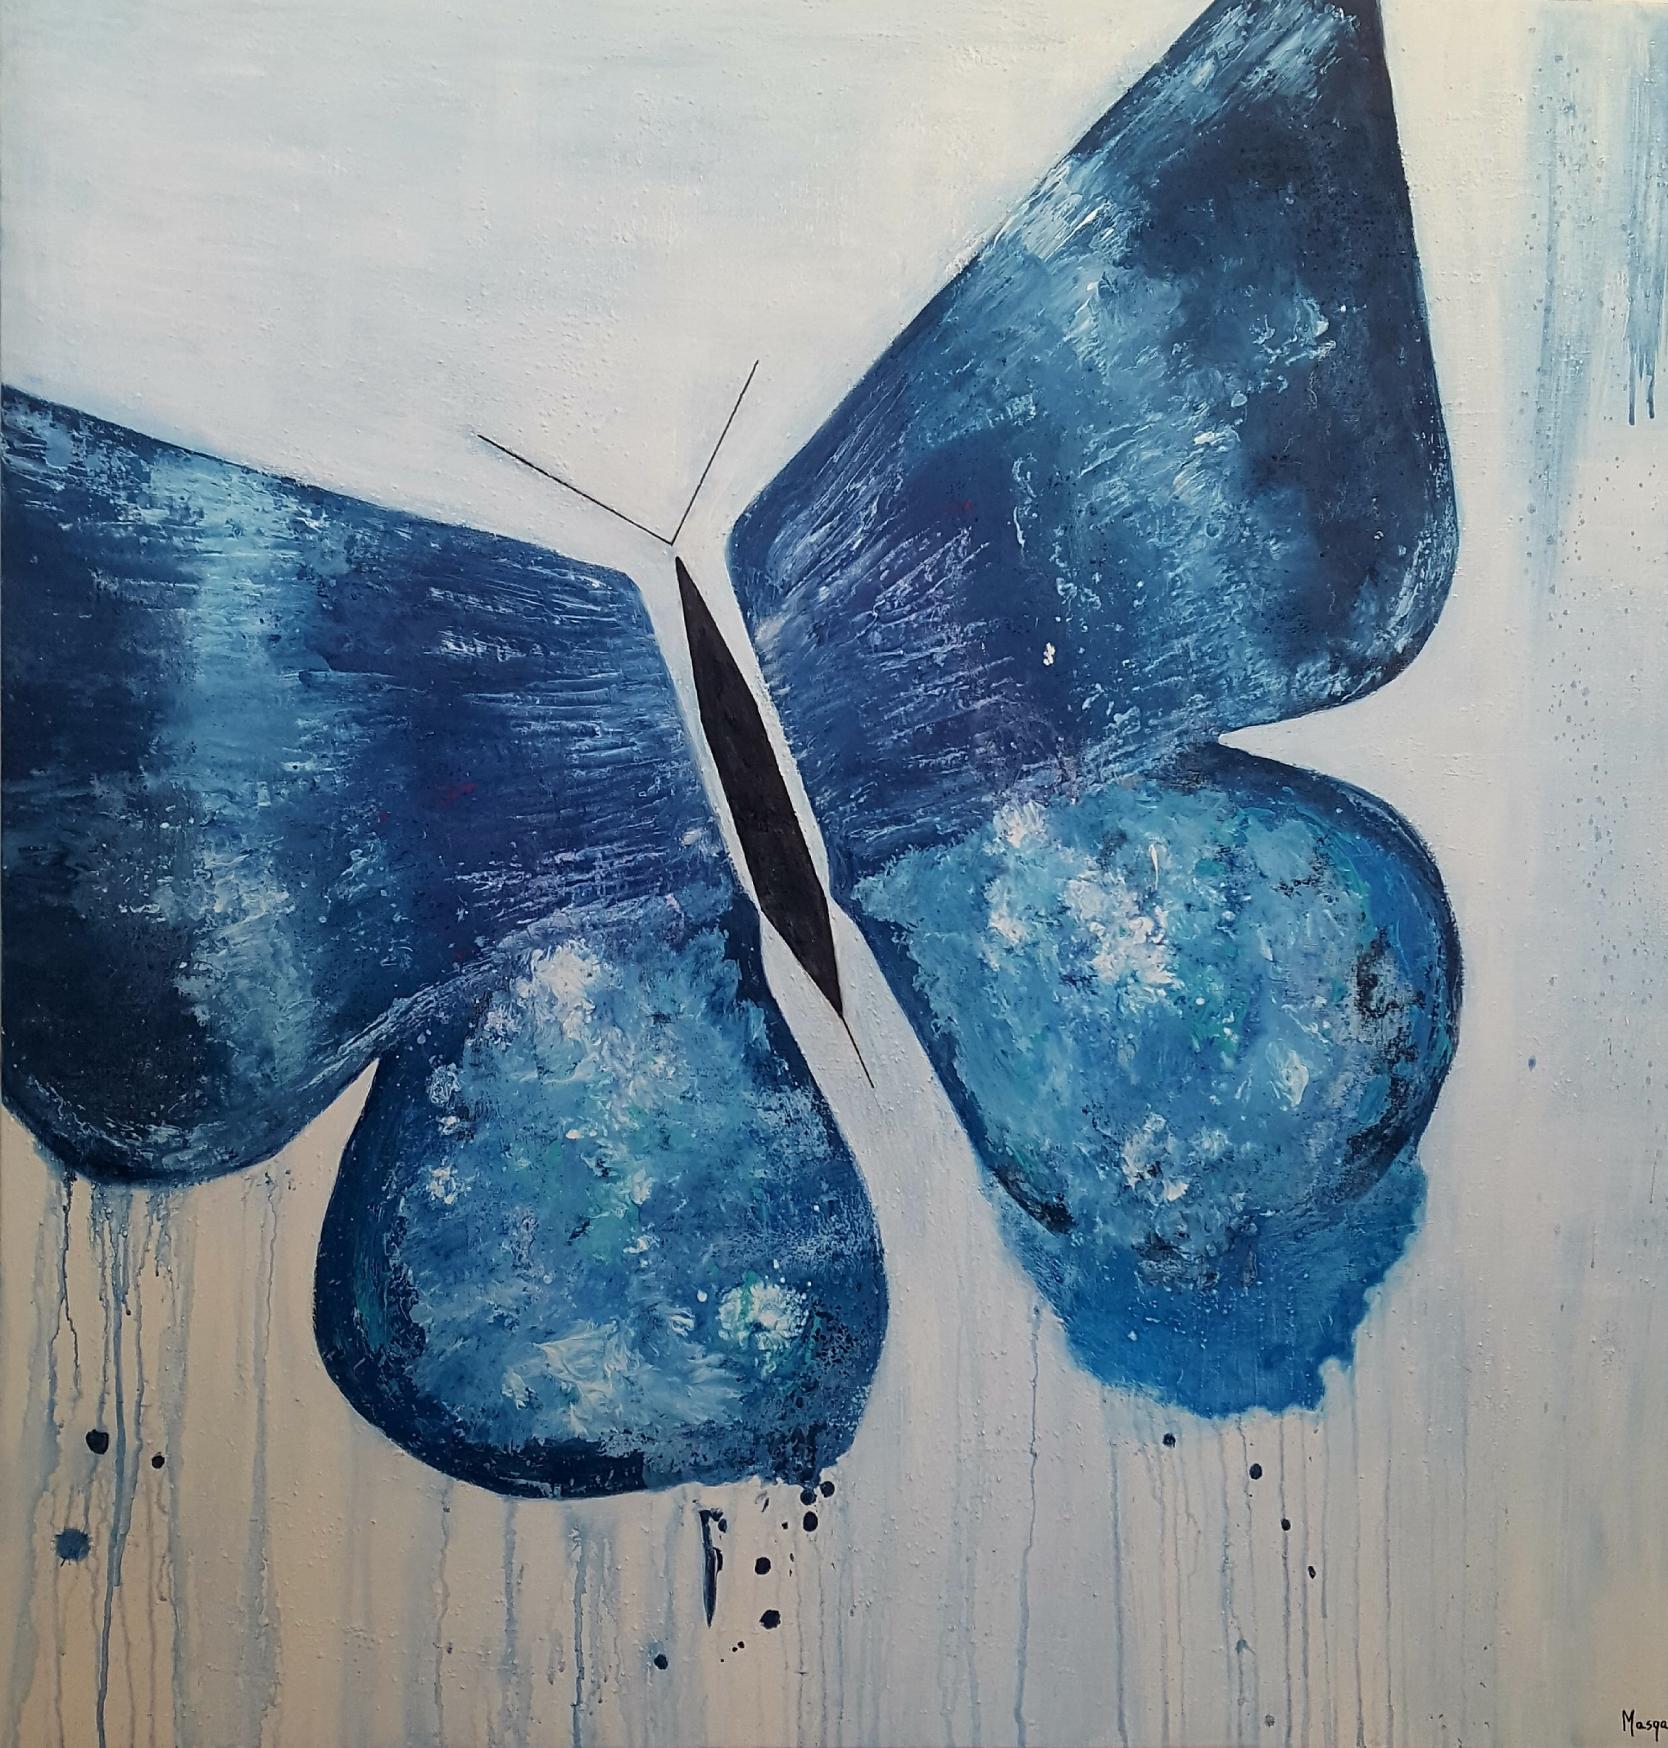 mariposa de luz (2020) - Mónica Gifre Solis - Masqali